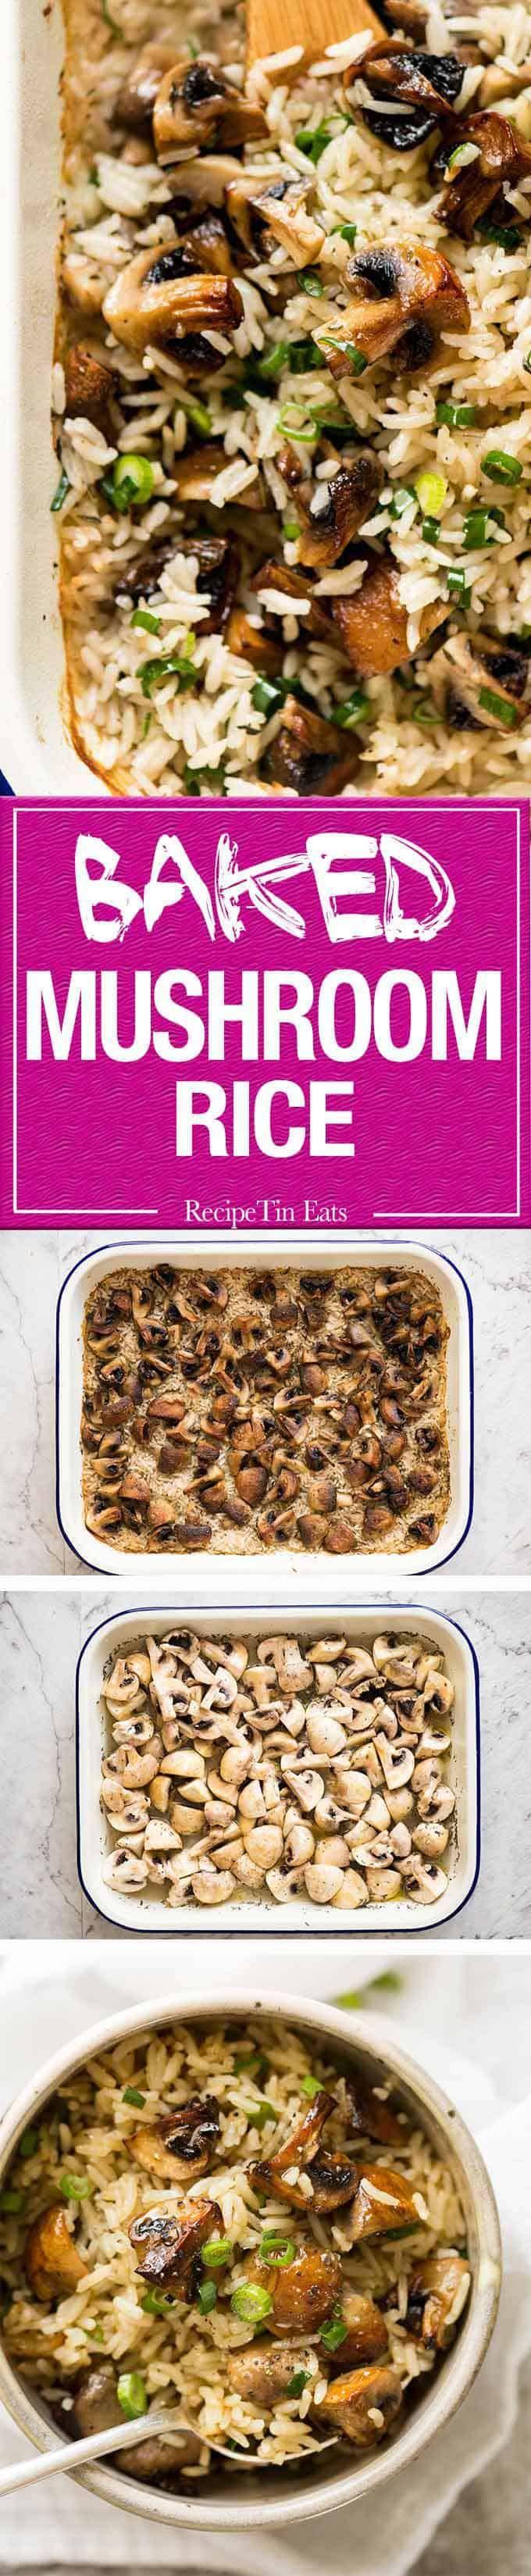 Baked Mushroom Rice #kochenundbacken